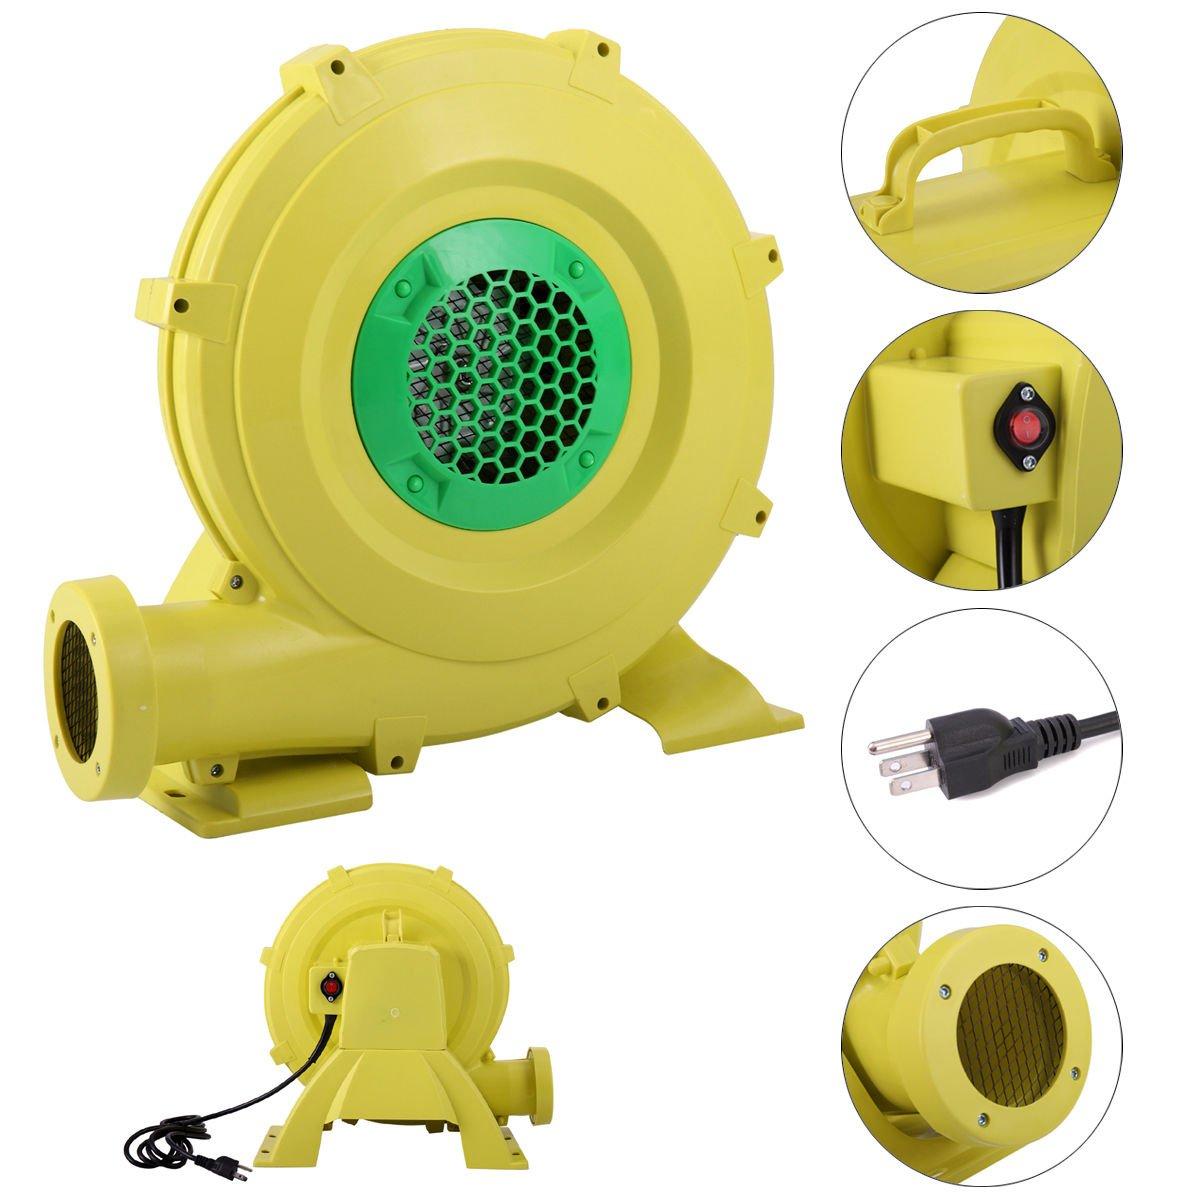 450 Watt Air Blower Pump Fan 0.6HP for Inflatable Bounce House Bouncy Castle by Thegreatshopman